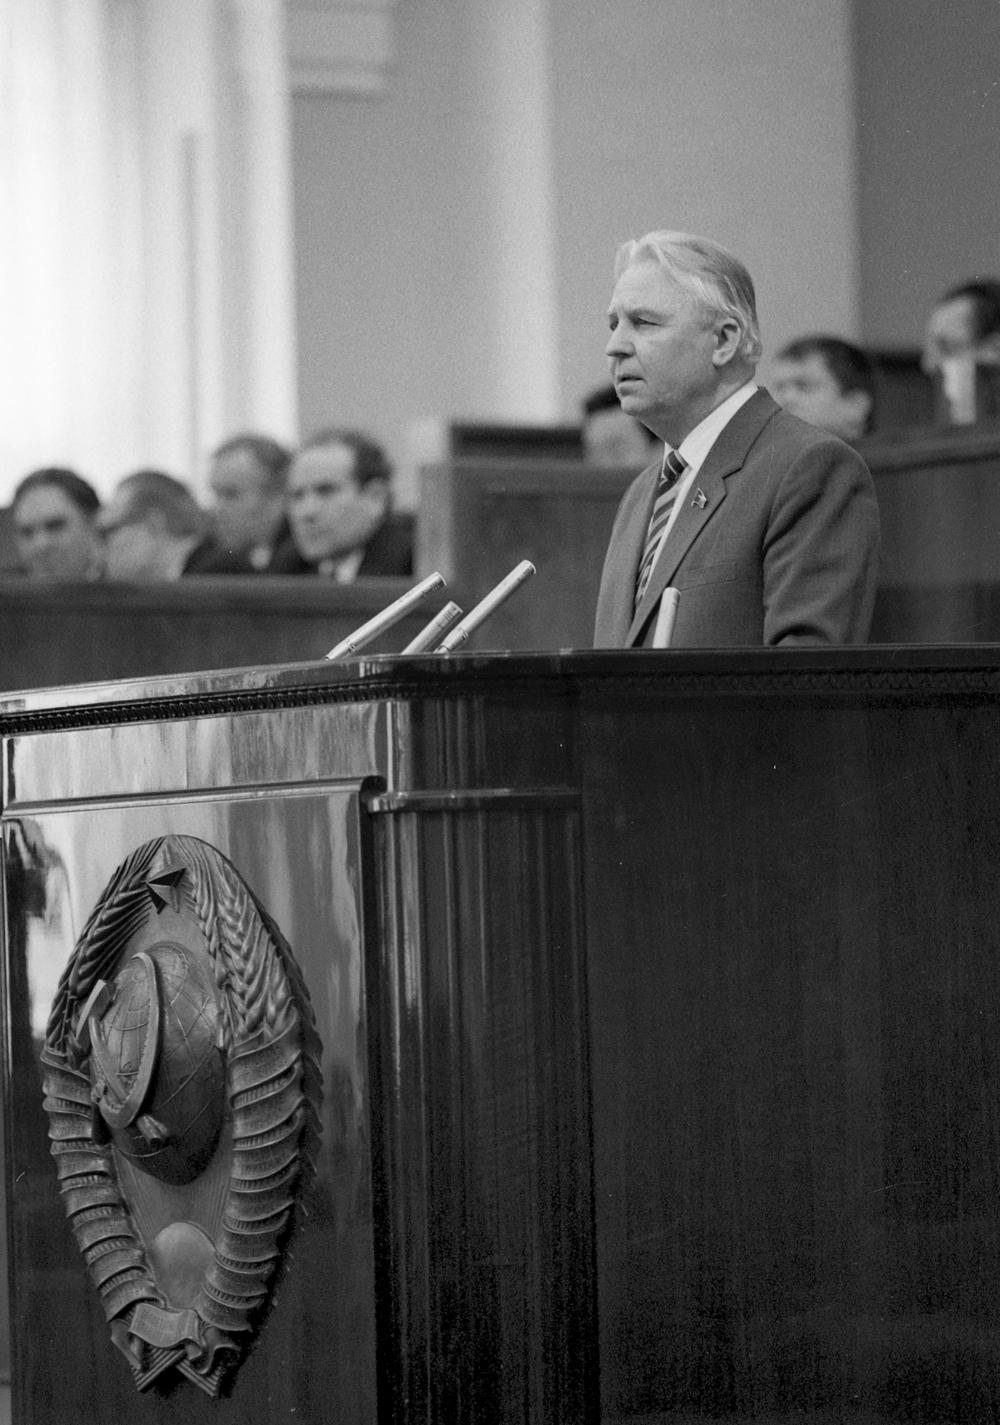 Секретарь ЦК КПСС Егор Кузьмич Лигачев во время выступления на сессии Верховного Совета РСФСР, 1985 год.